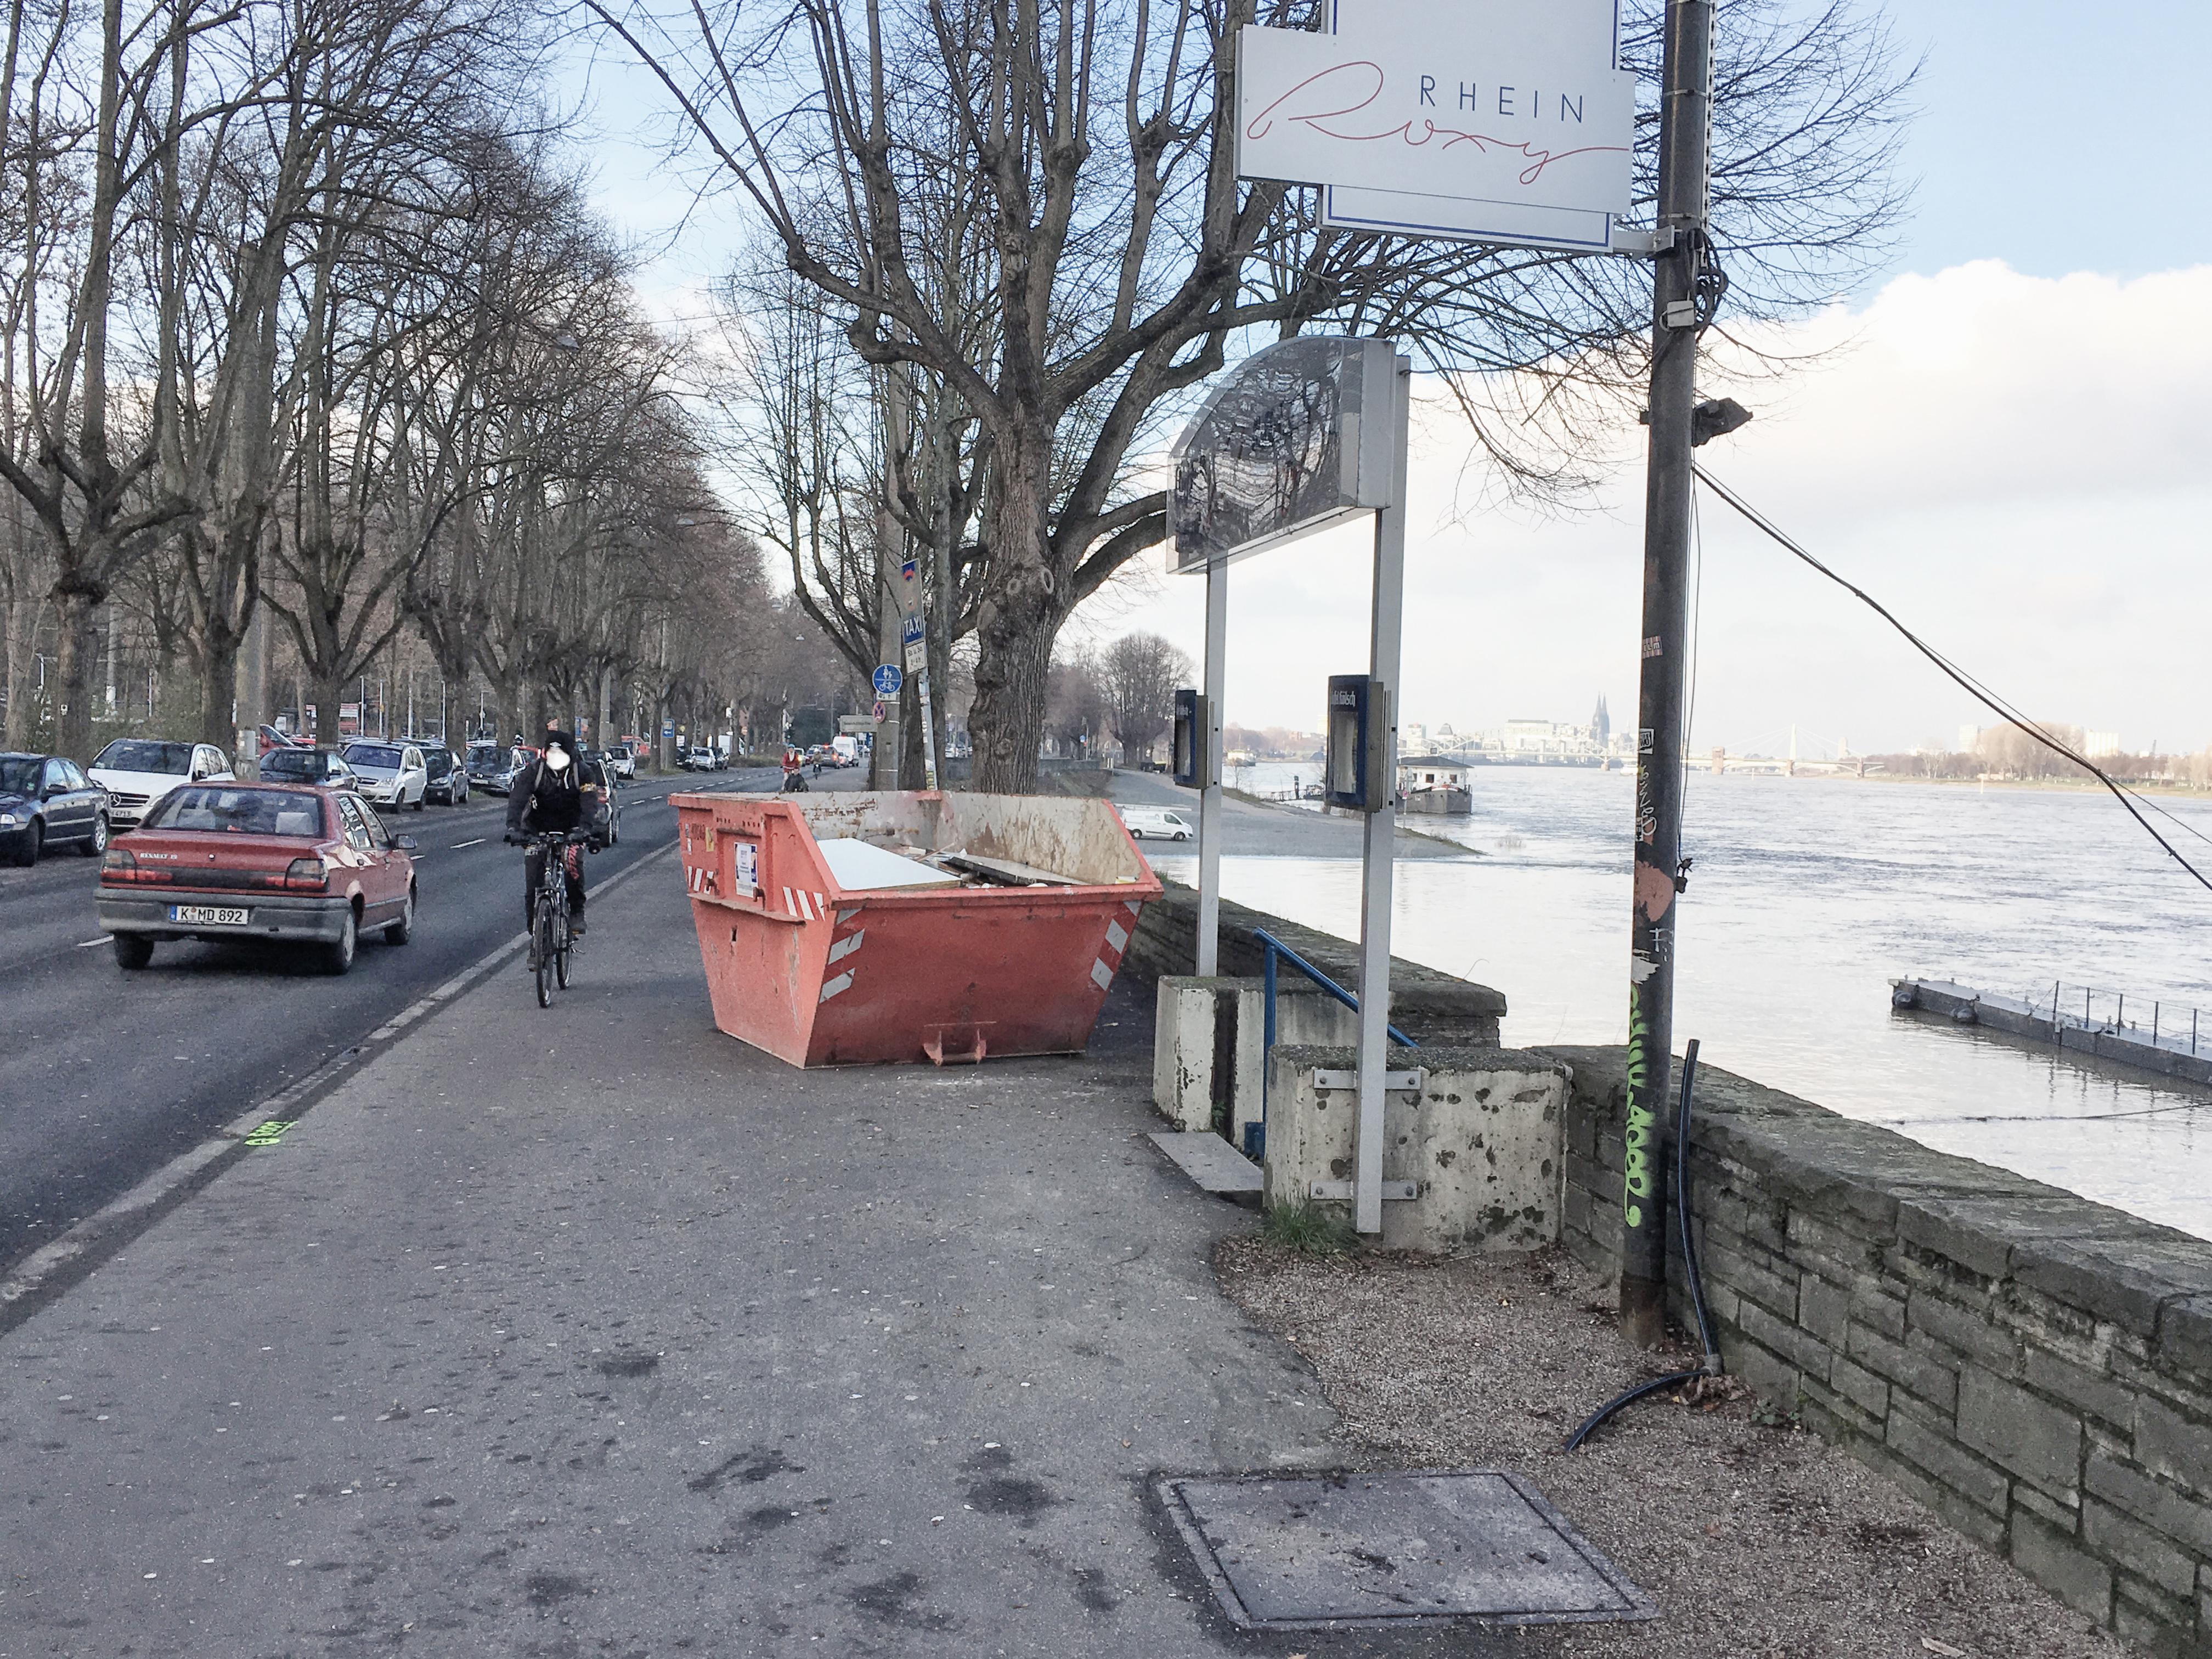 Bescheiden aufgestellter Conainer auf einem Fuß- und Radweg